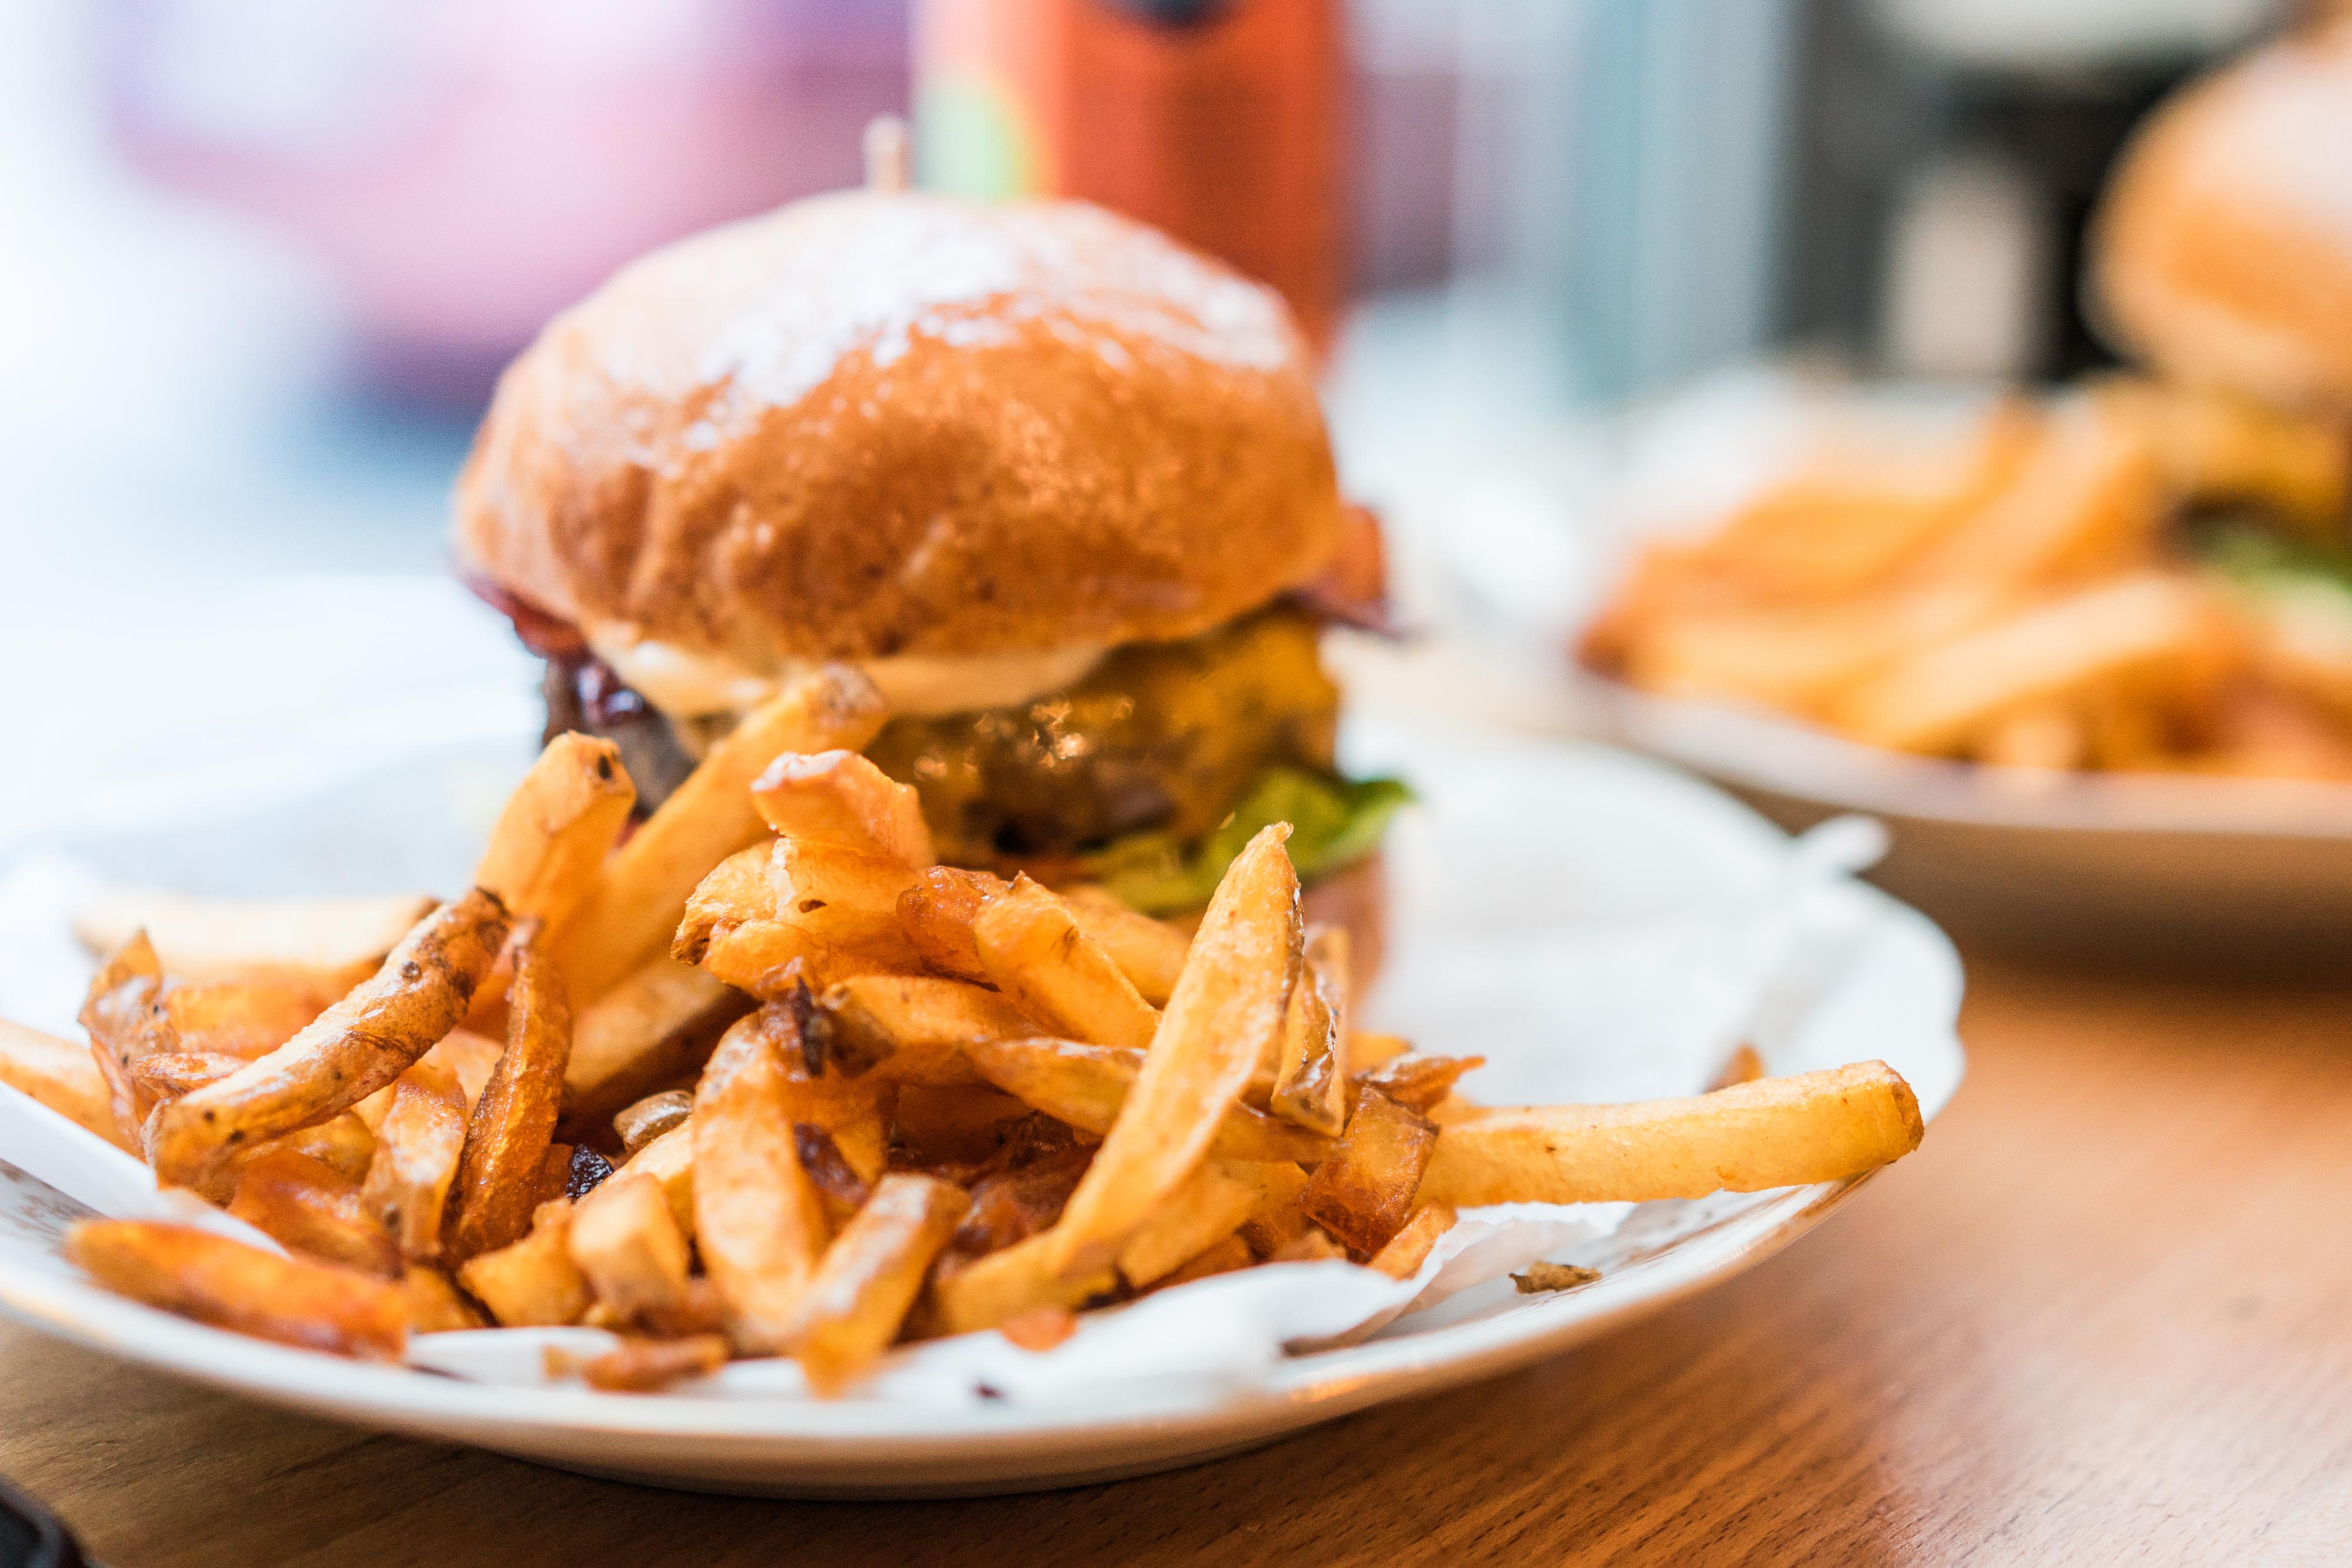 Visita Coyoacán y prueba las mejores hamburguesas Playas del mundo